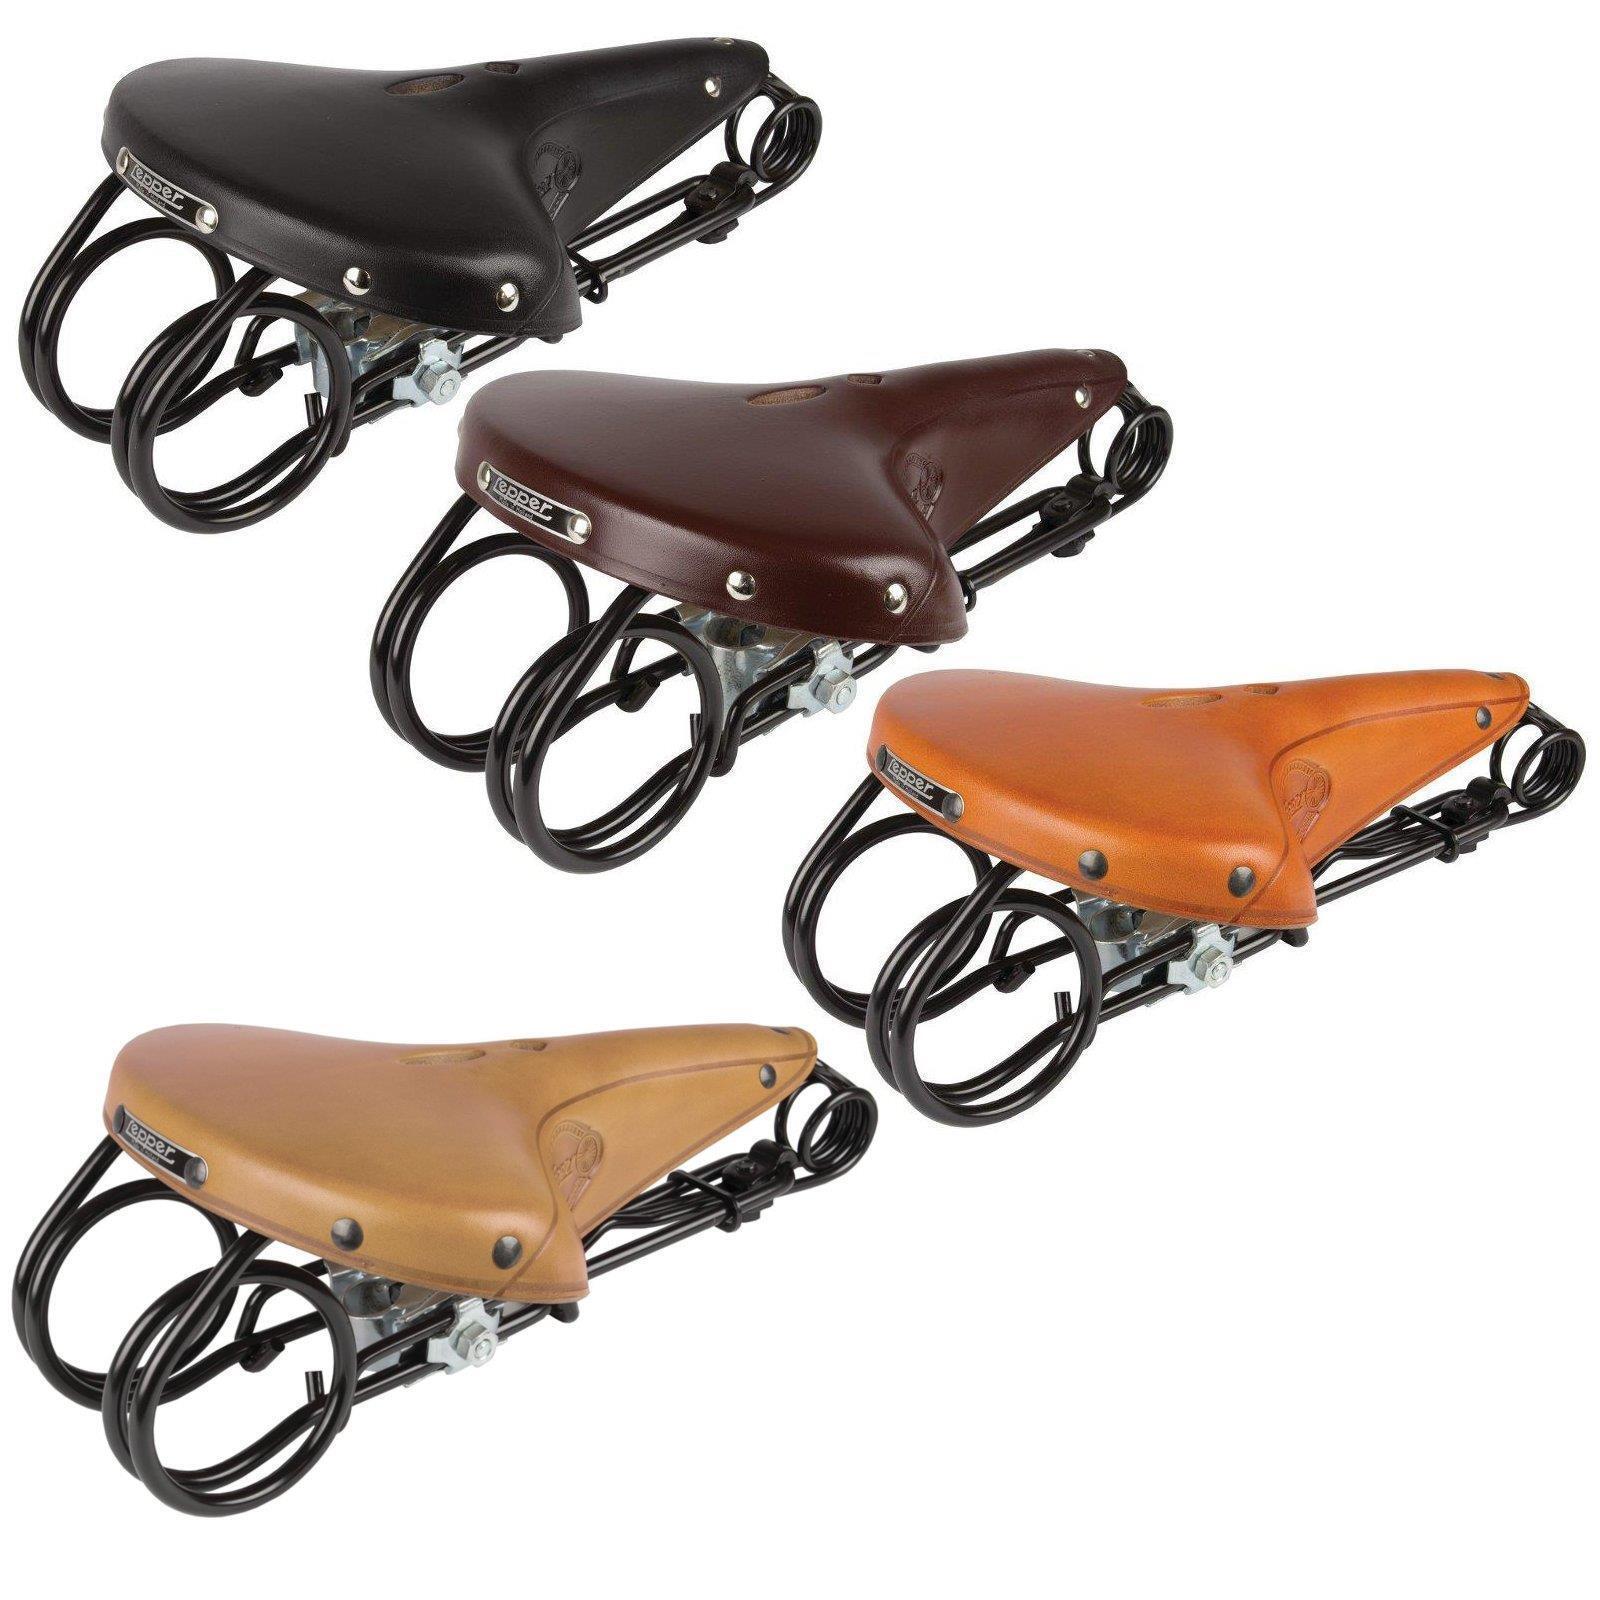 Retro Vintage Leder Fahrradsattel Dämpfung Klassische B7A7 Sitzkissen Radfa I6K1